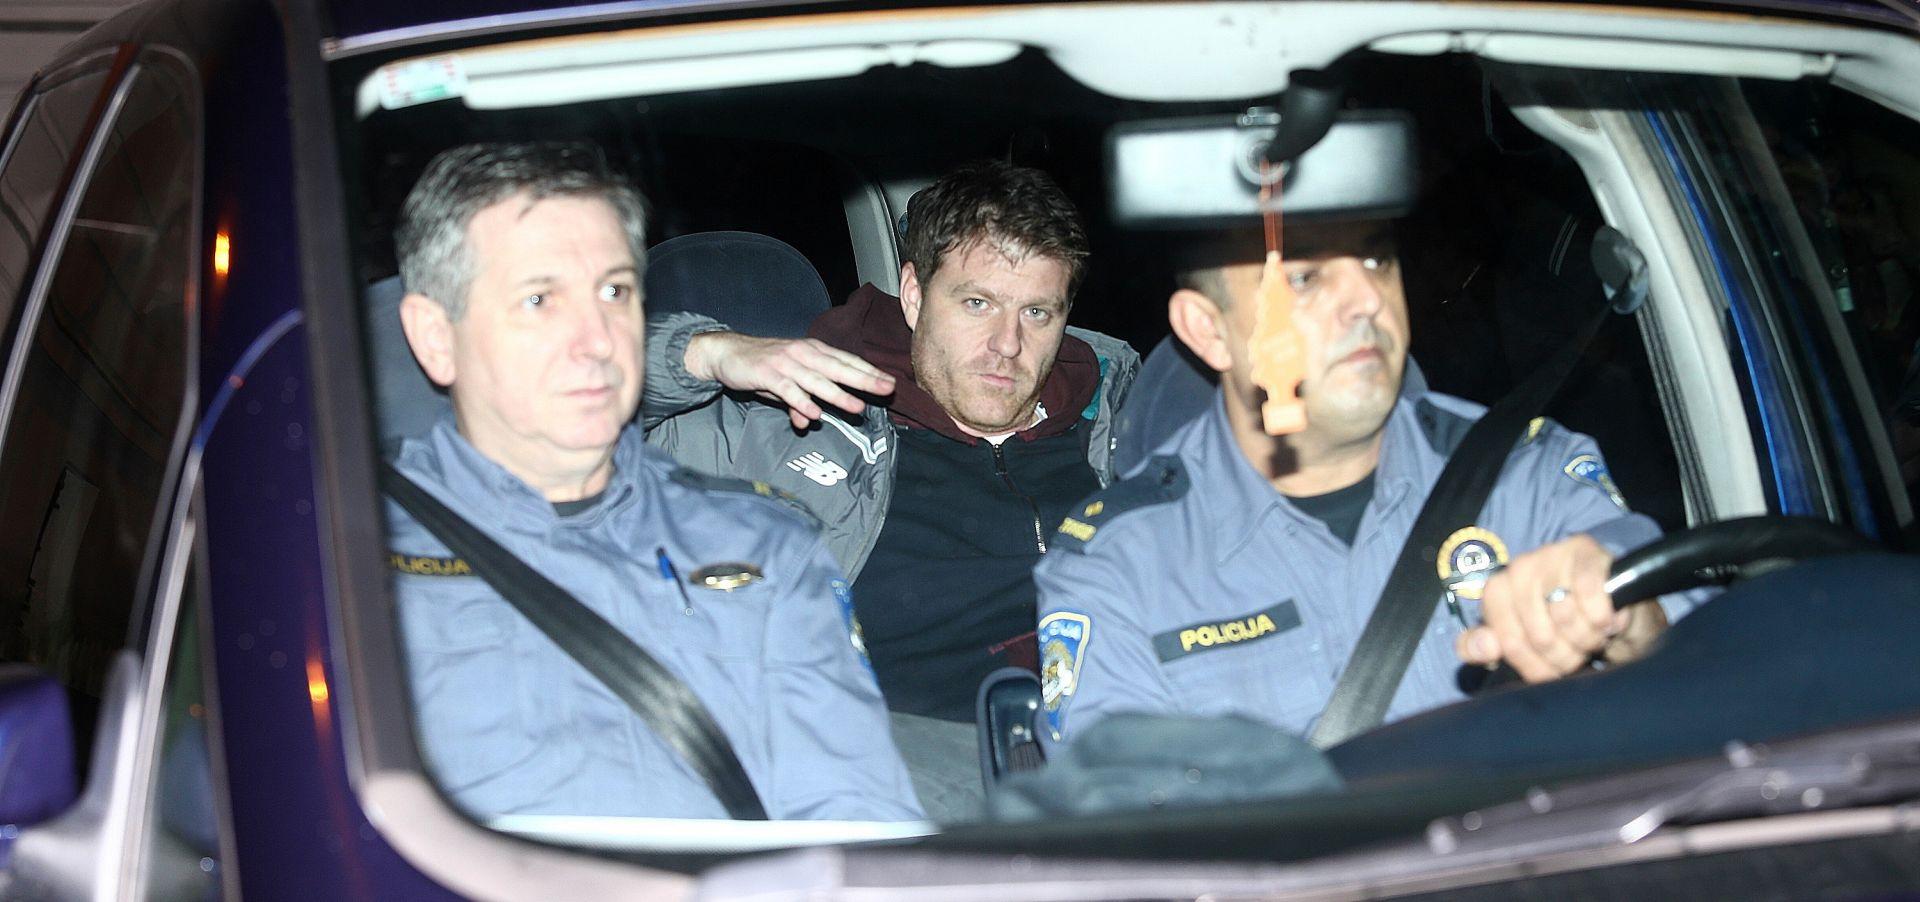 ODLUKA O ZDRAVKU NAJRANIJE U PETAK Mario Mamić izlazi iz istražnog zatvora